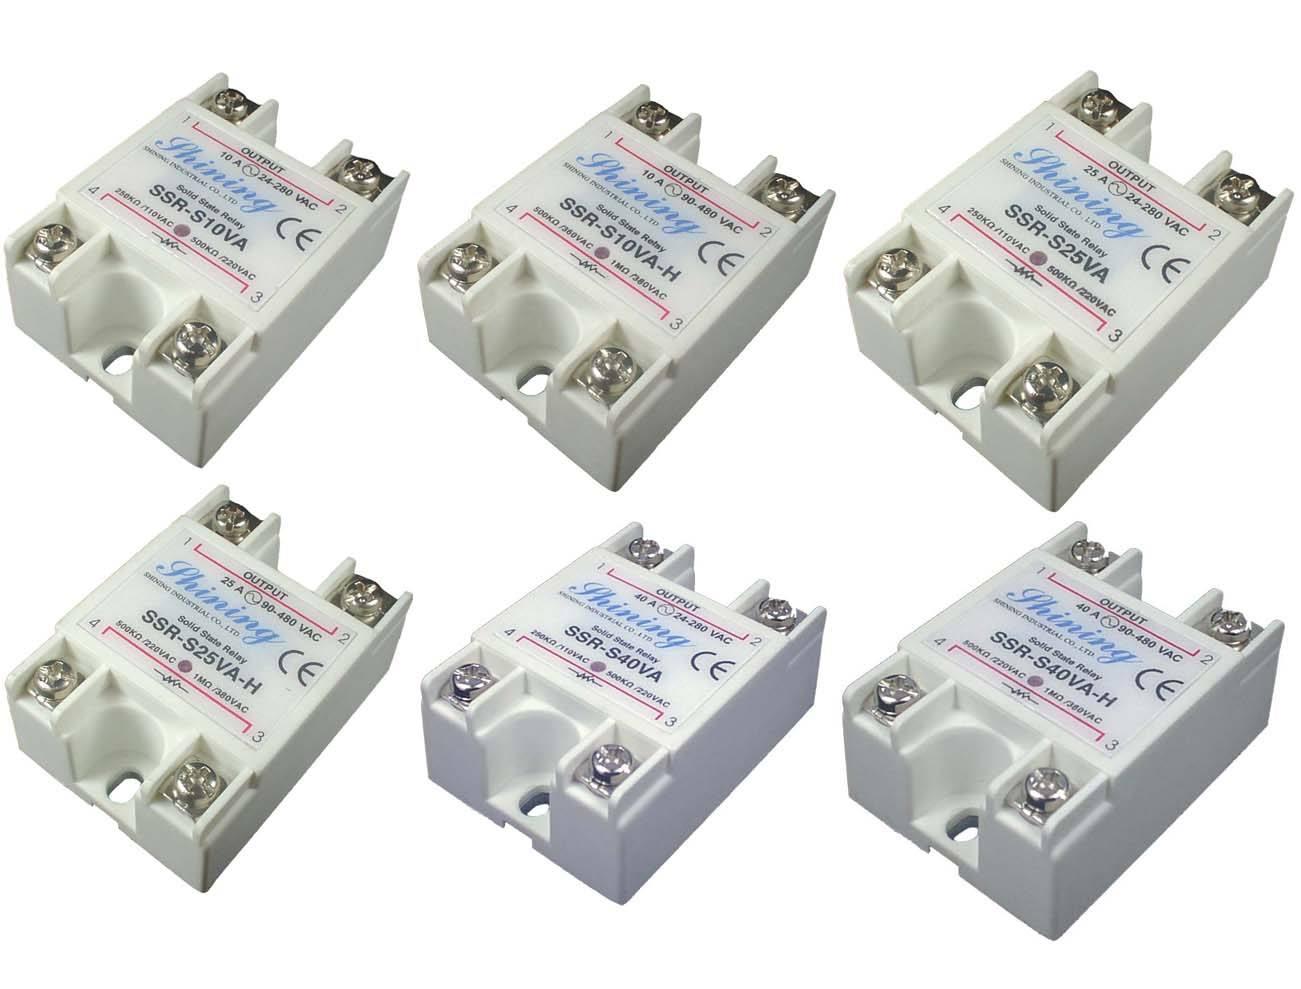 SSR-SXXVA系列VR - AC 单相固态继电器 - SSR-SXXVA系列VR - AC 单相固态继电器